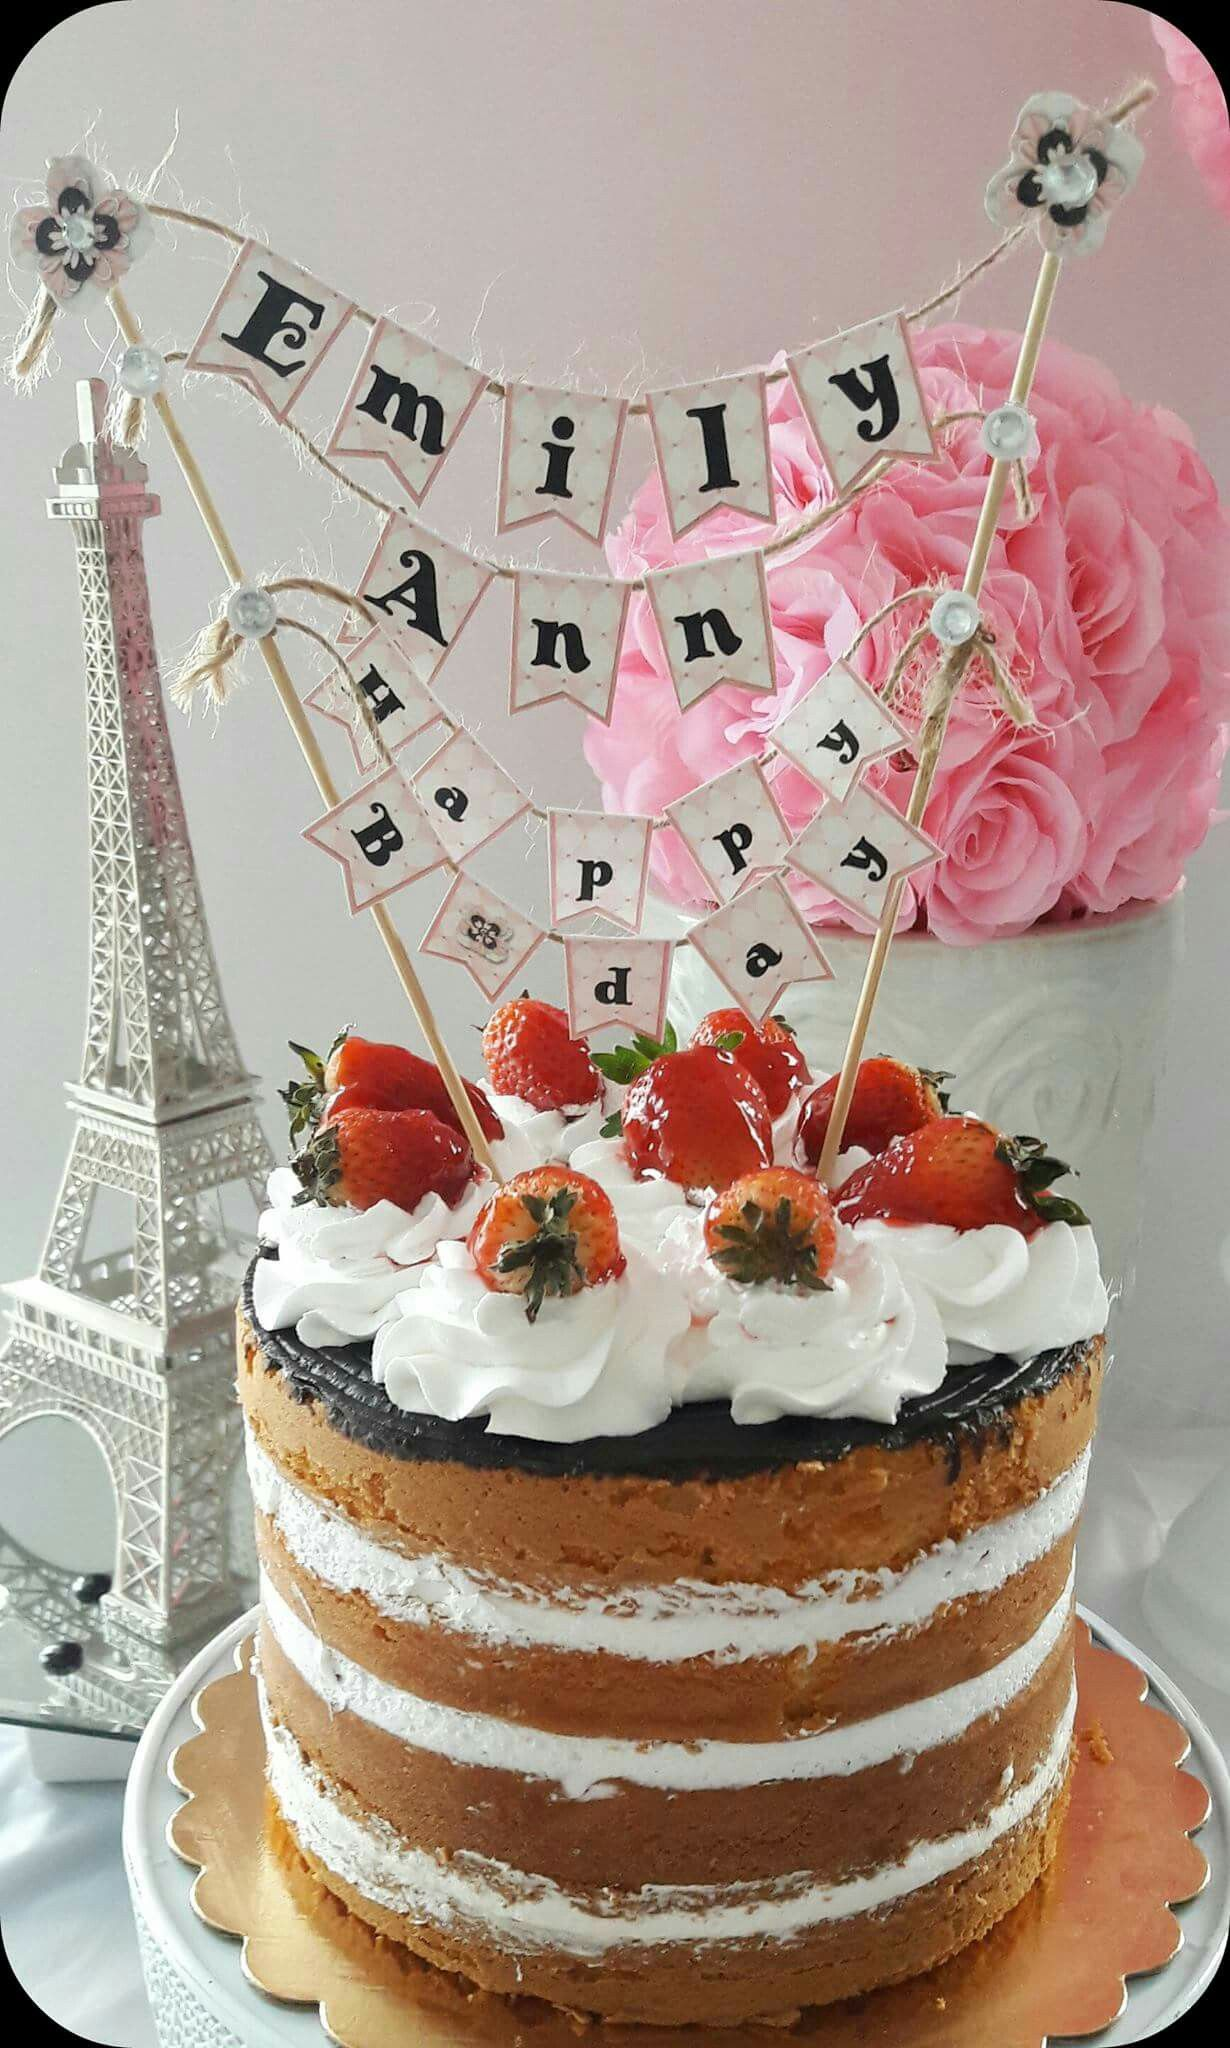 Guirnalda para decorar el dulce Hazte fan: Facebook Crafts by Iris instagram @craftsbyiris